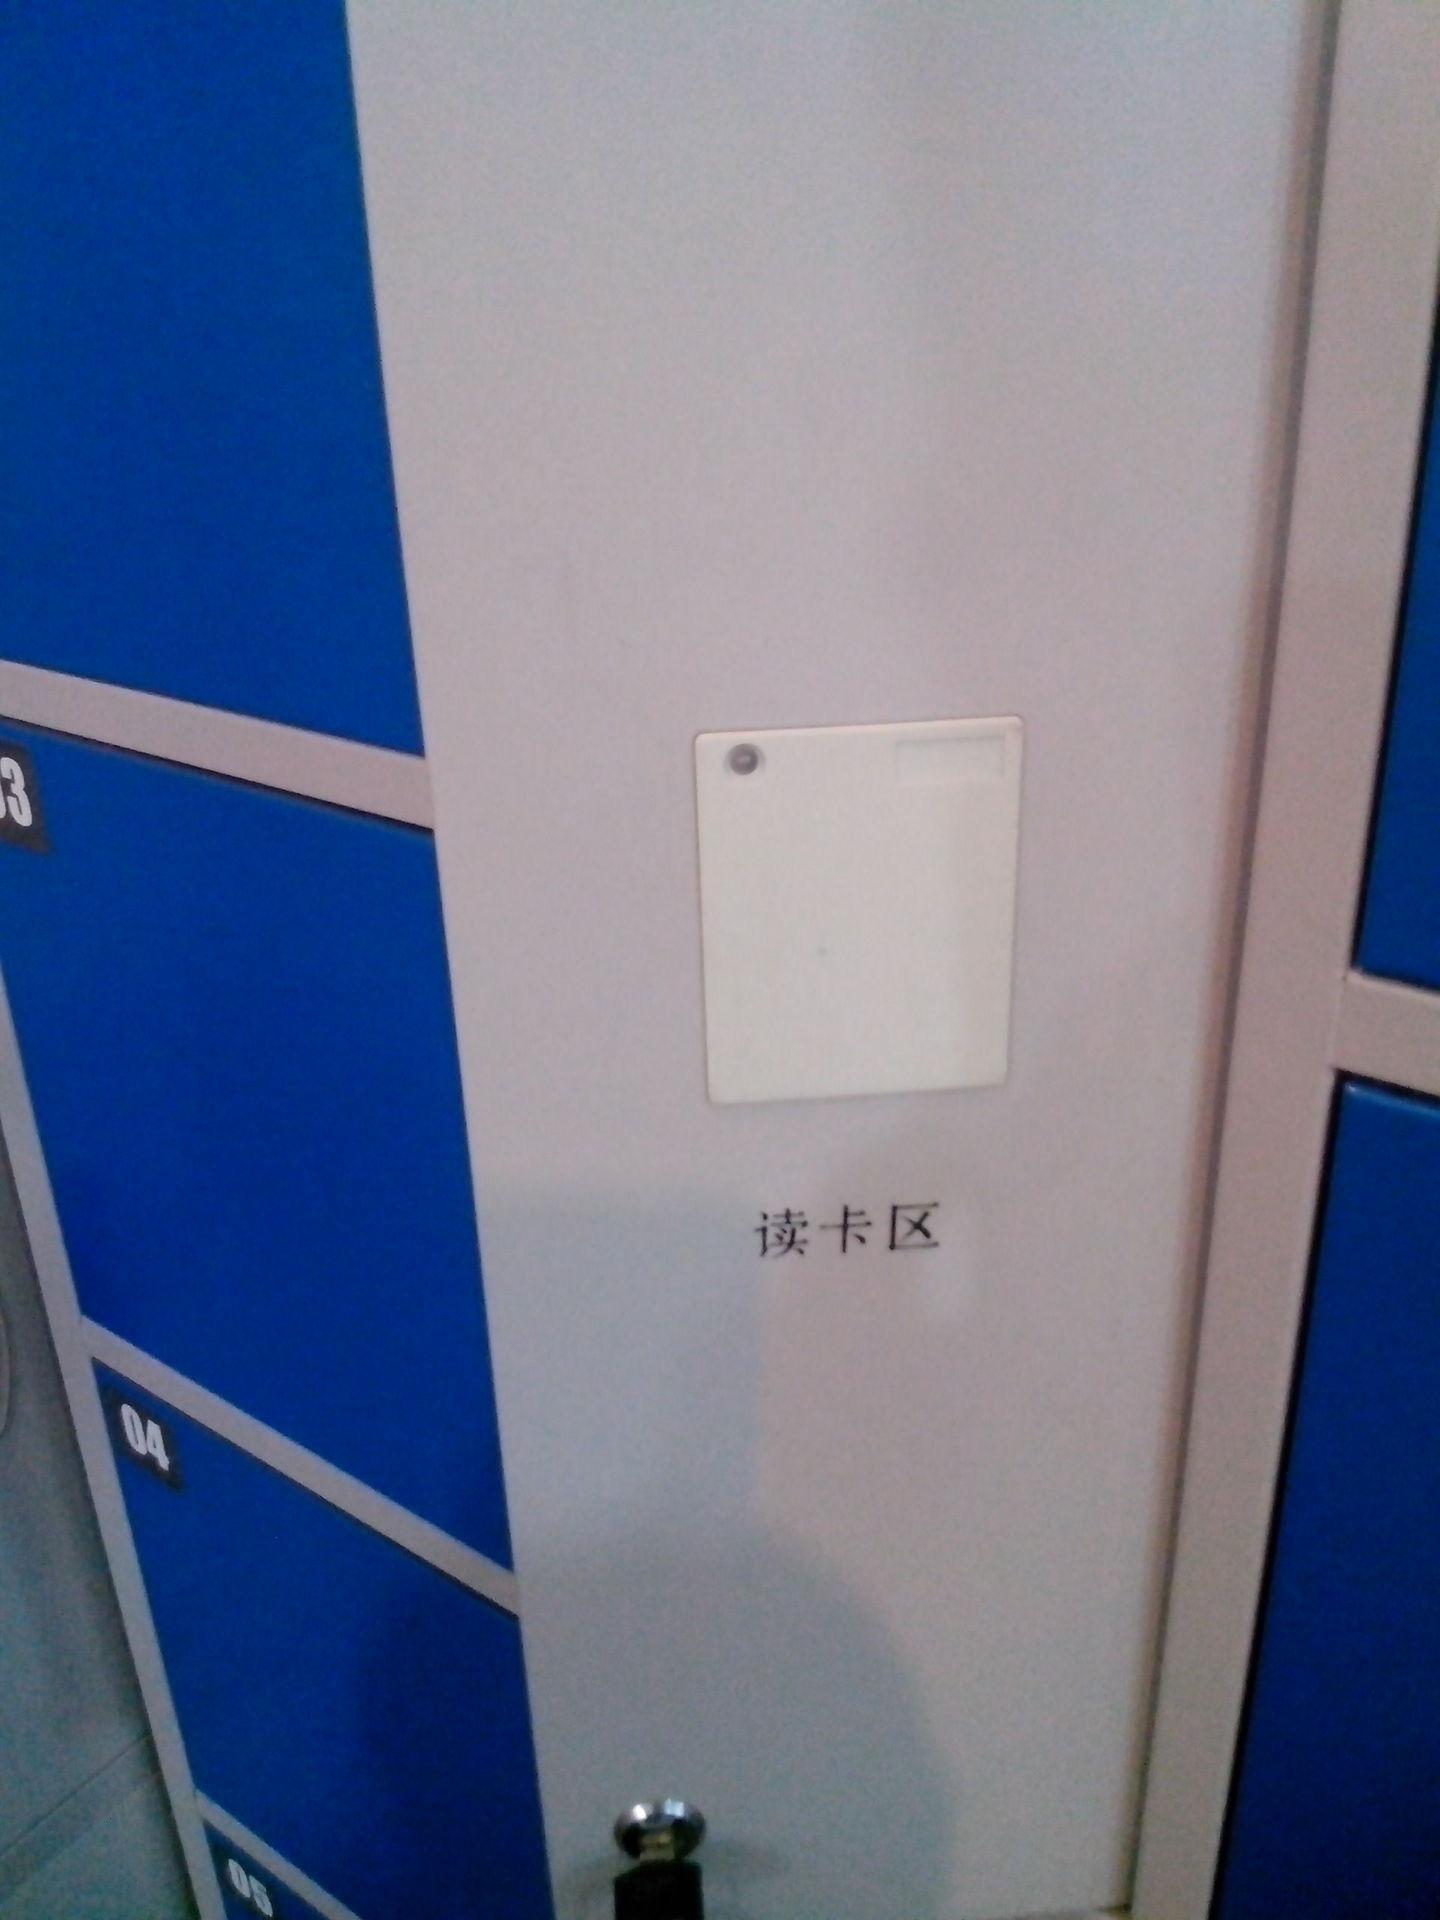 厂家供应杭达指纹手机柜指纹存包柜 电子寄存储物柜1800*1300*280示例图11